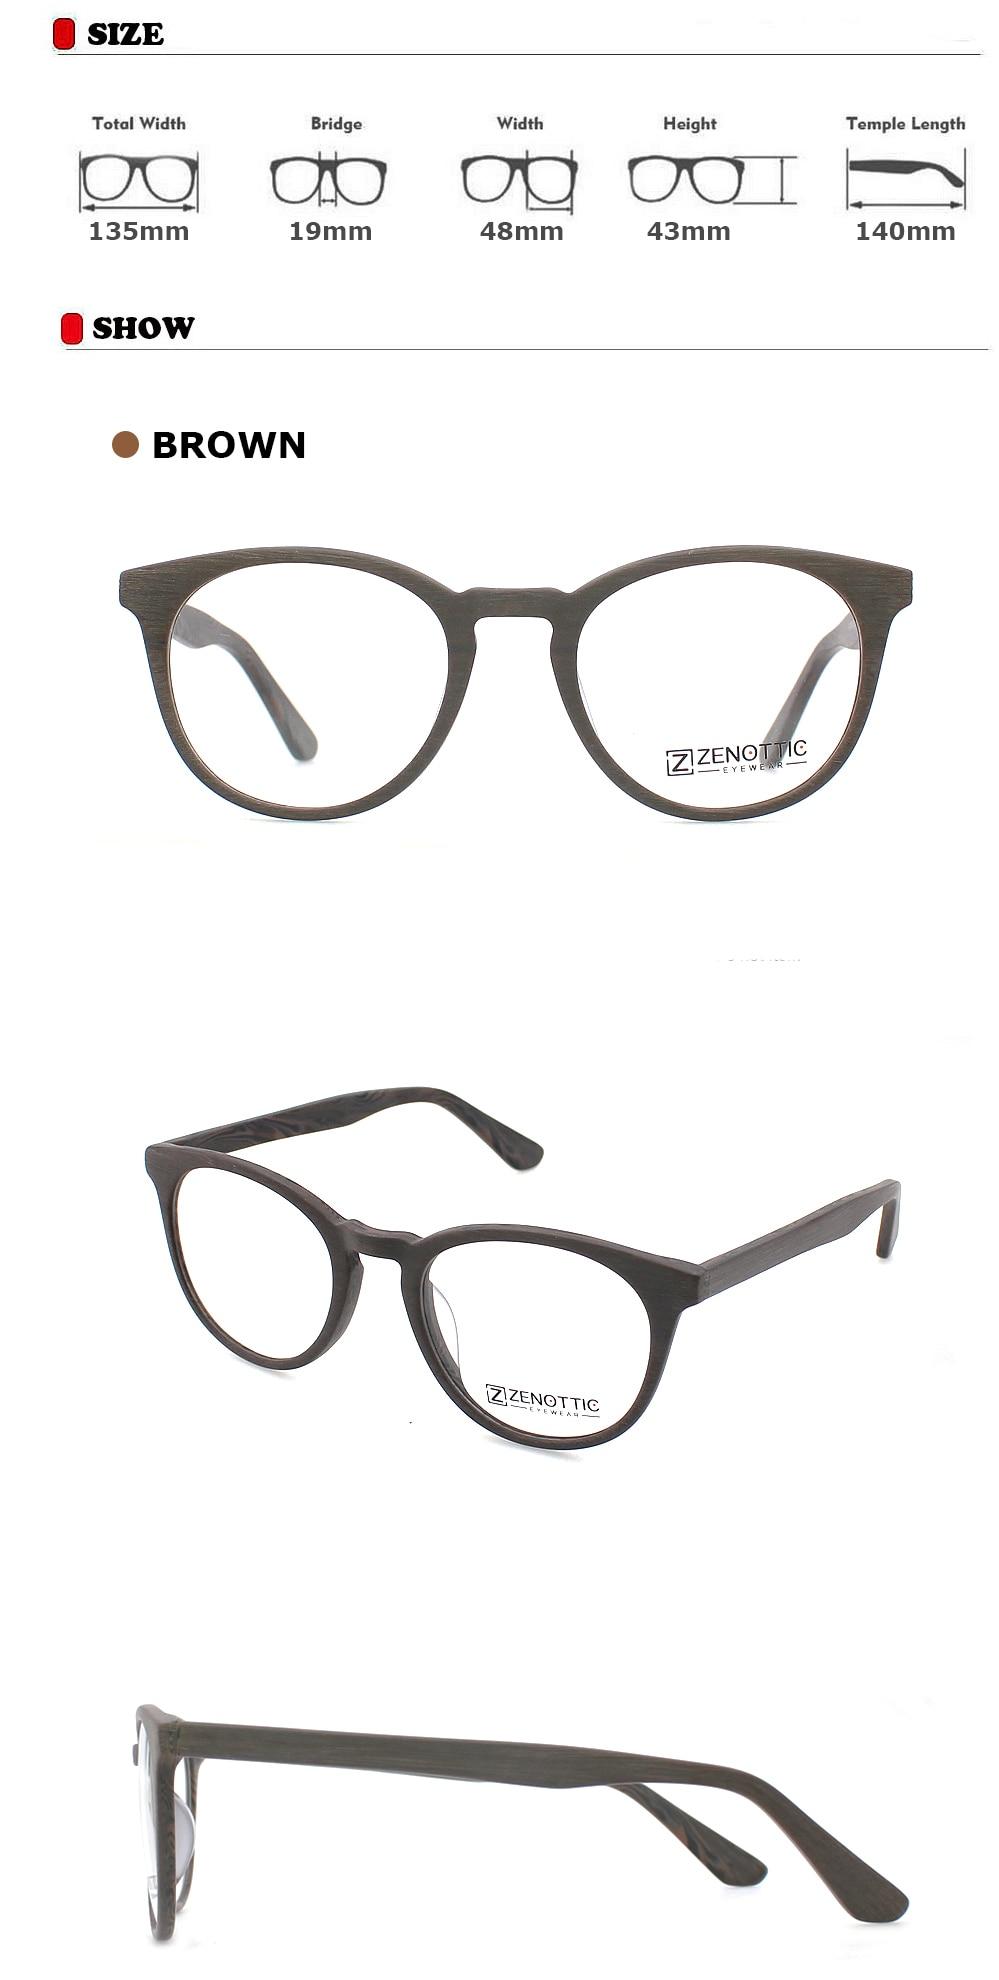 c1574fe9d09 2018 Women Trendy Eyeglass Frames Cat Eyes Gafas Female Optical Eye Glasses  Frames Ladies Spectacles Frame Design BT4003